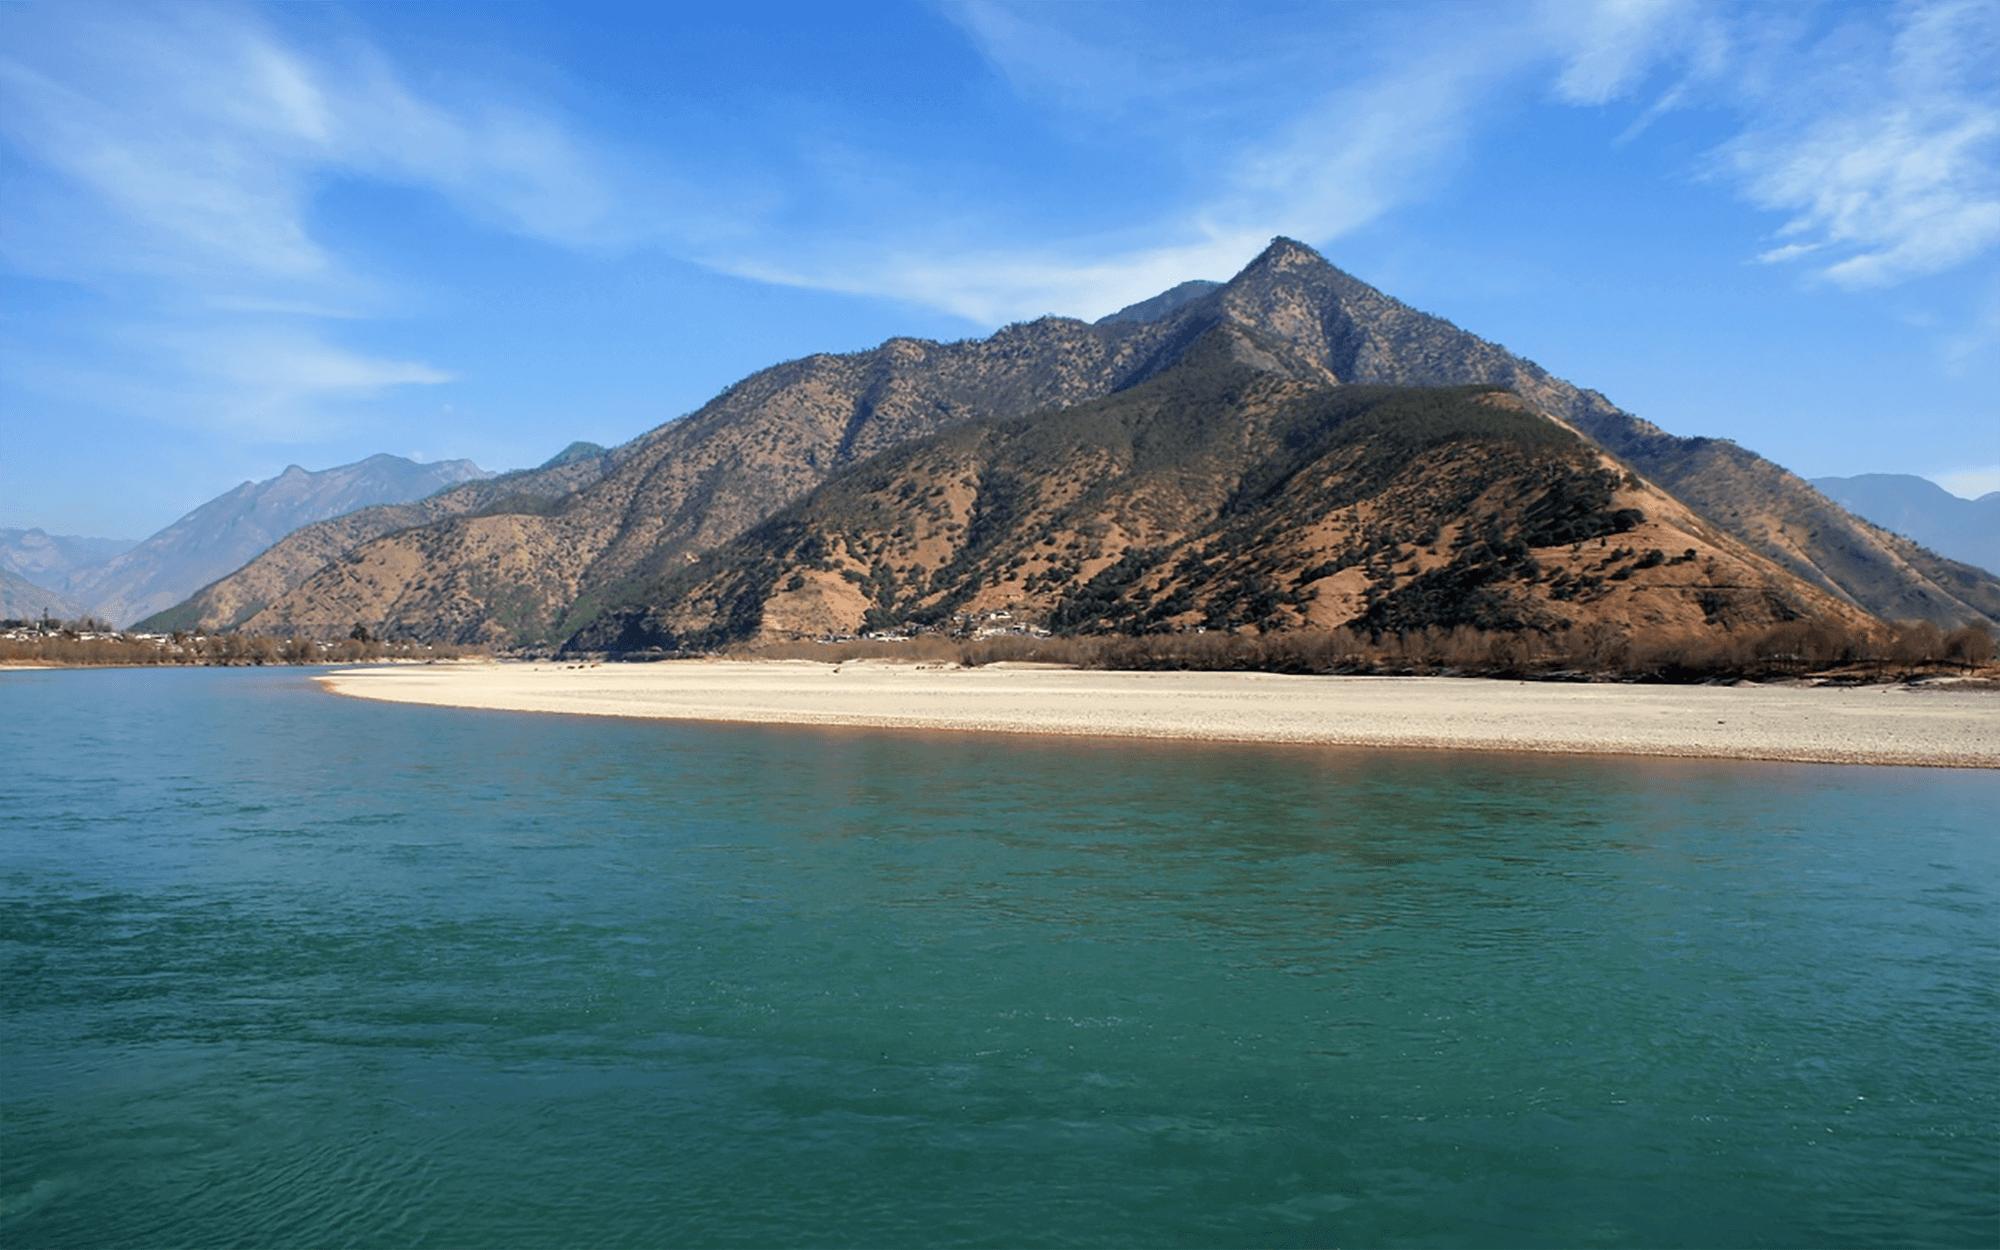 Reise in Yunnan in China. An der Küste zum Meer erhebt sich ein hoher, karger Berg, davor liegt ein kurzer Streifen Sandstrand.